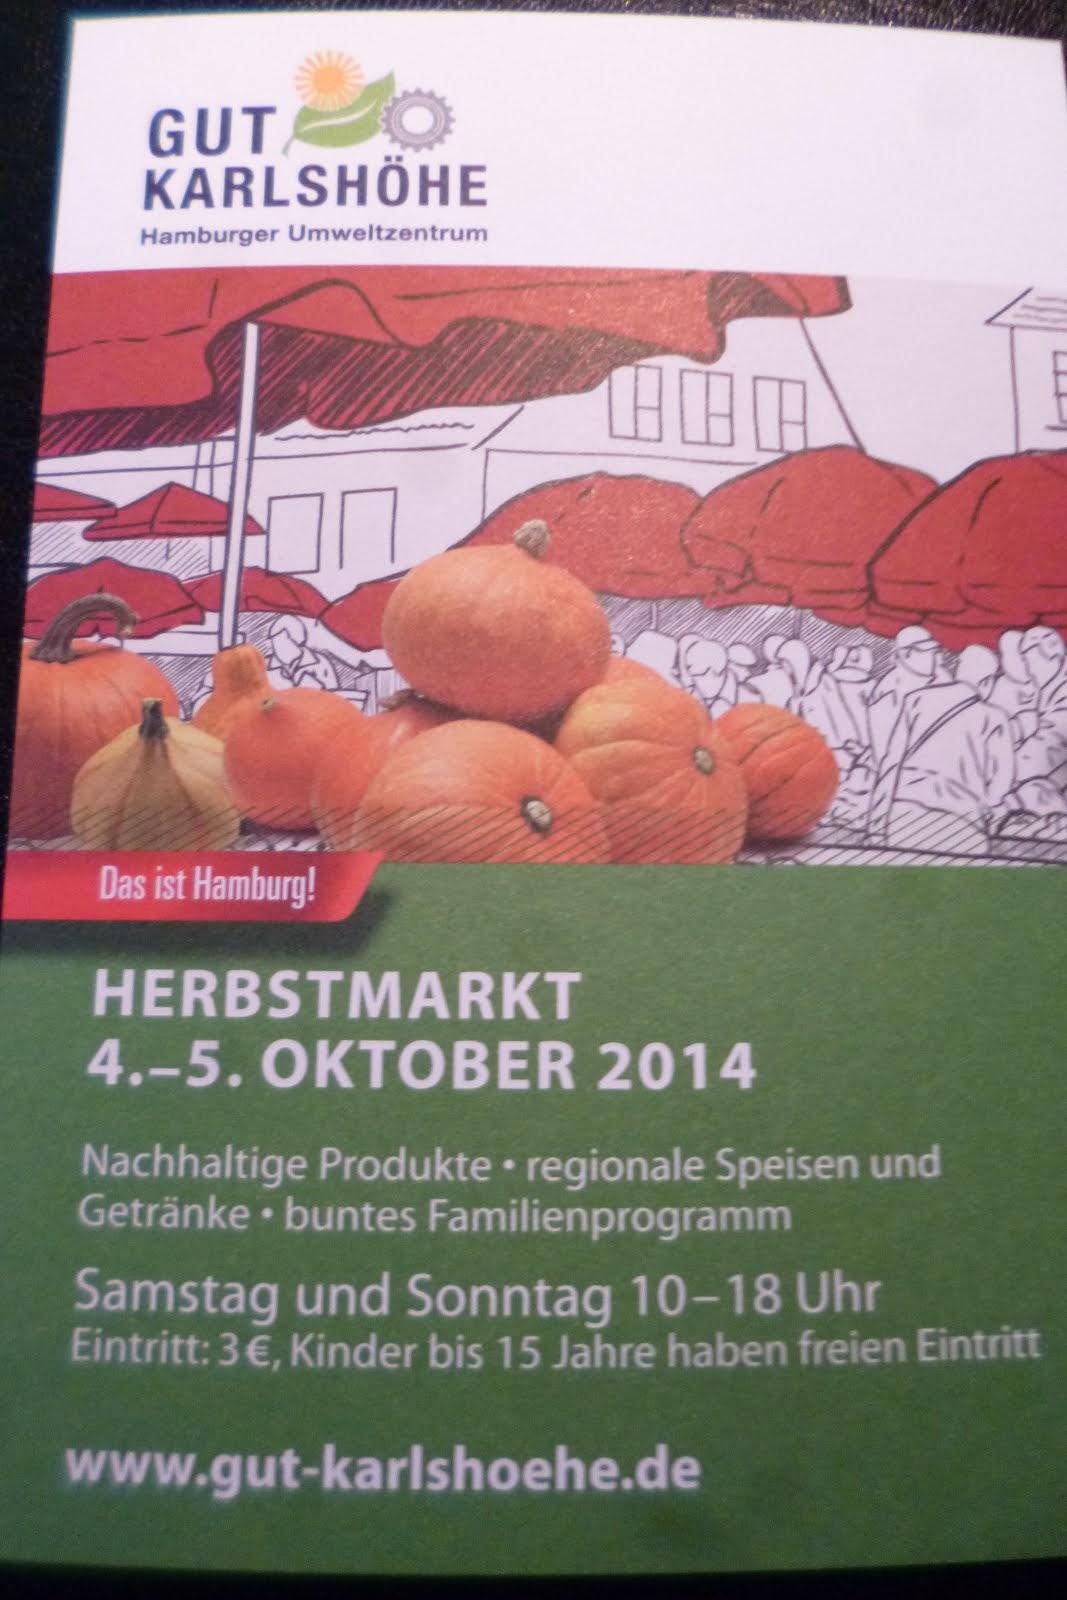 Herbstmarkt auf der Karlshöhe